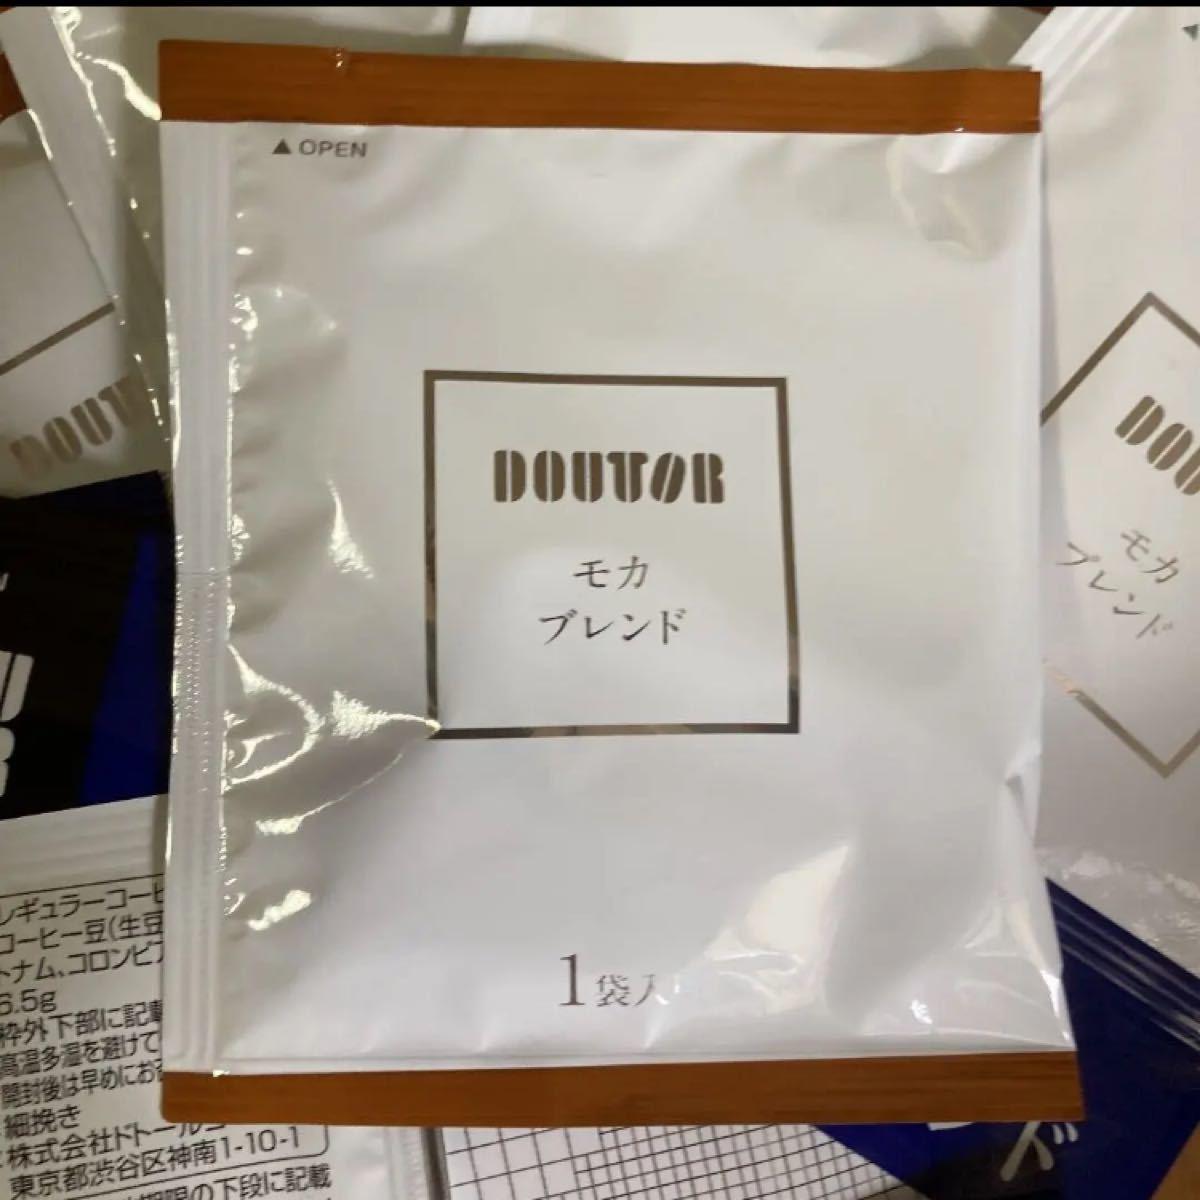 ドトールドリップコーヒー 30袋